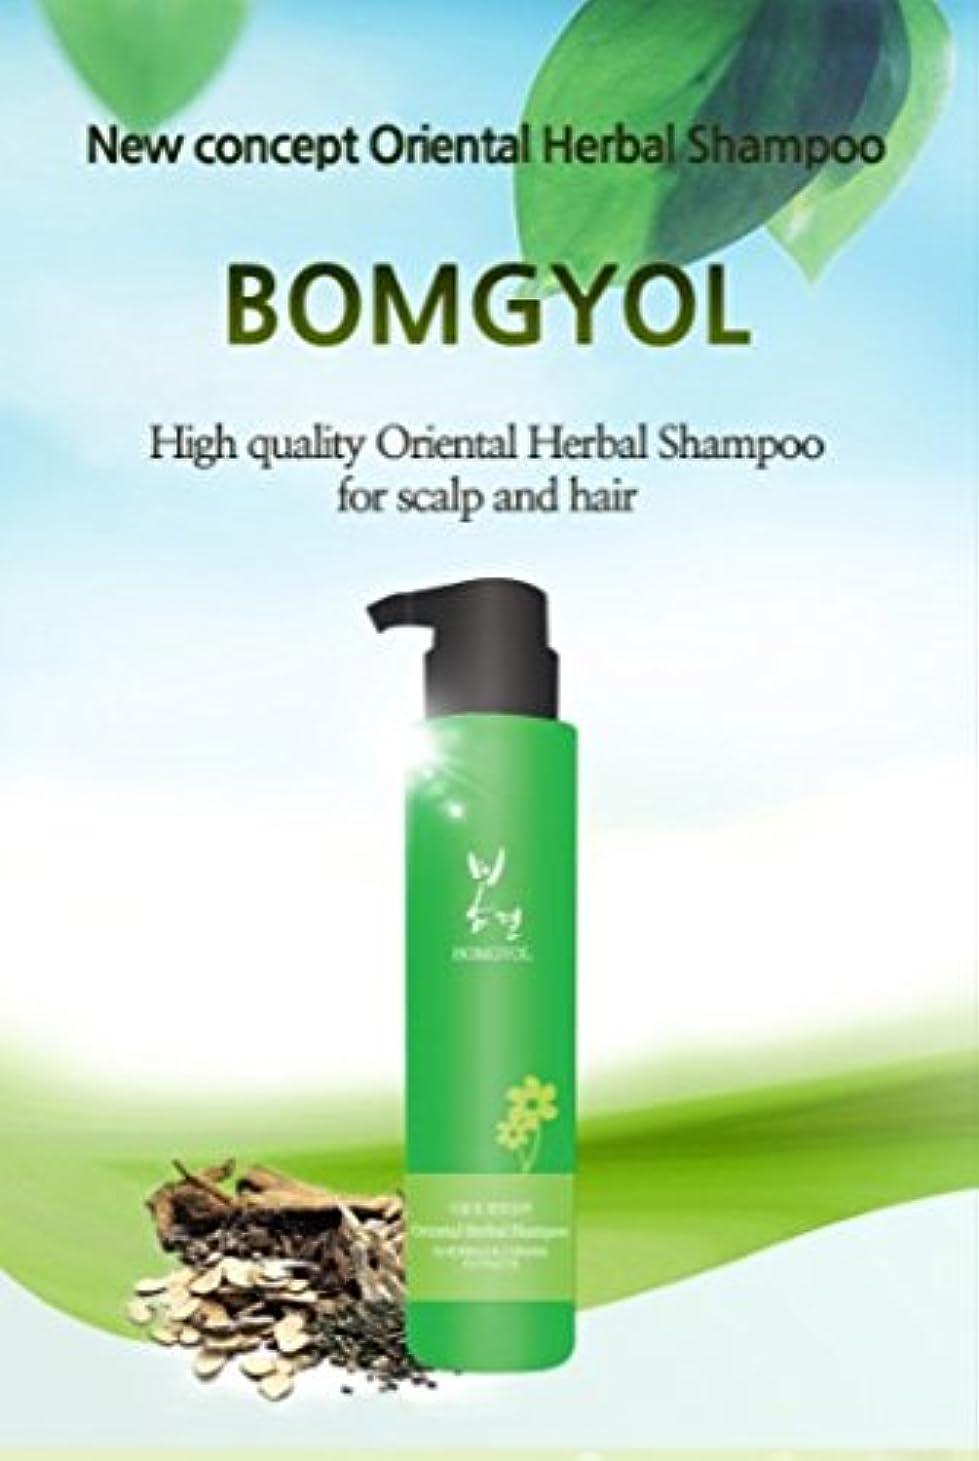 地下鉄シプリープライム【BOMGYOL】Oriental Herbal Shampoo オリエンタル ハーバル シャンプー 250g